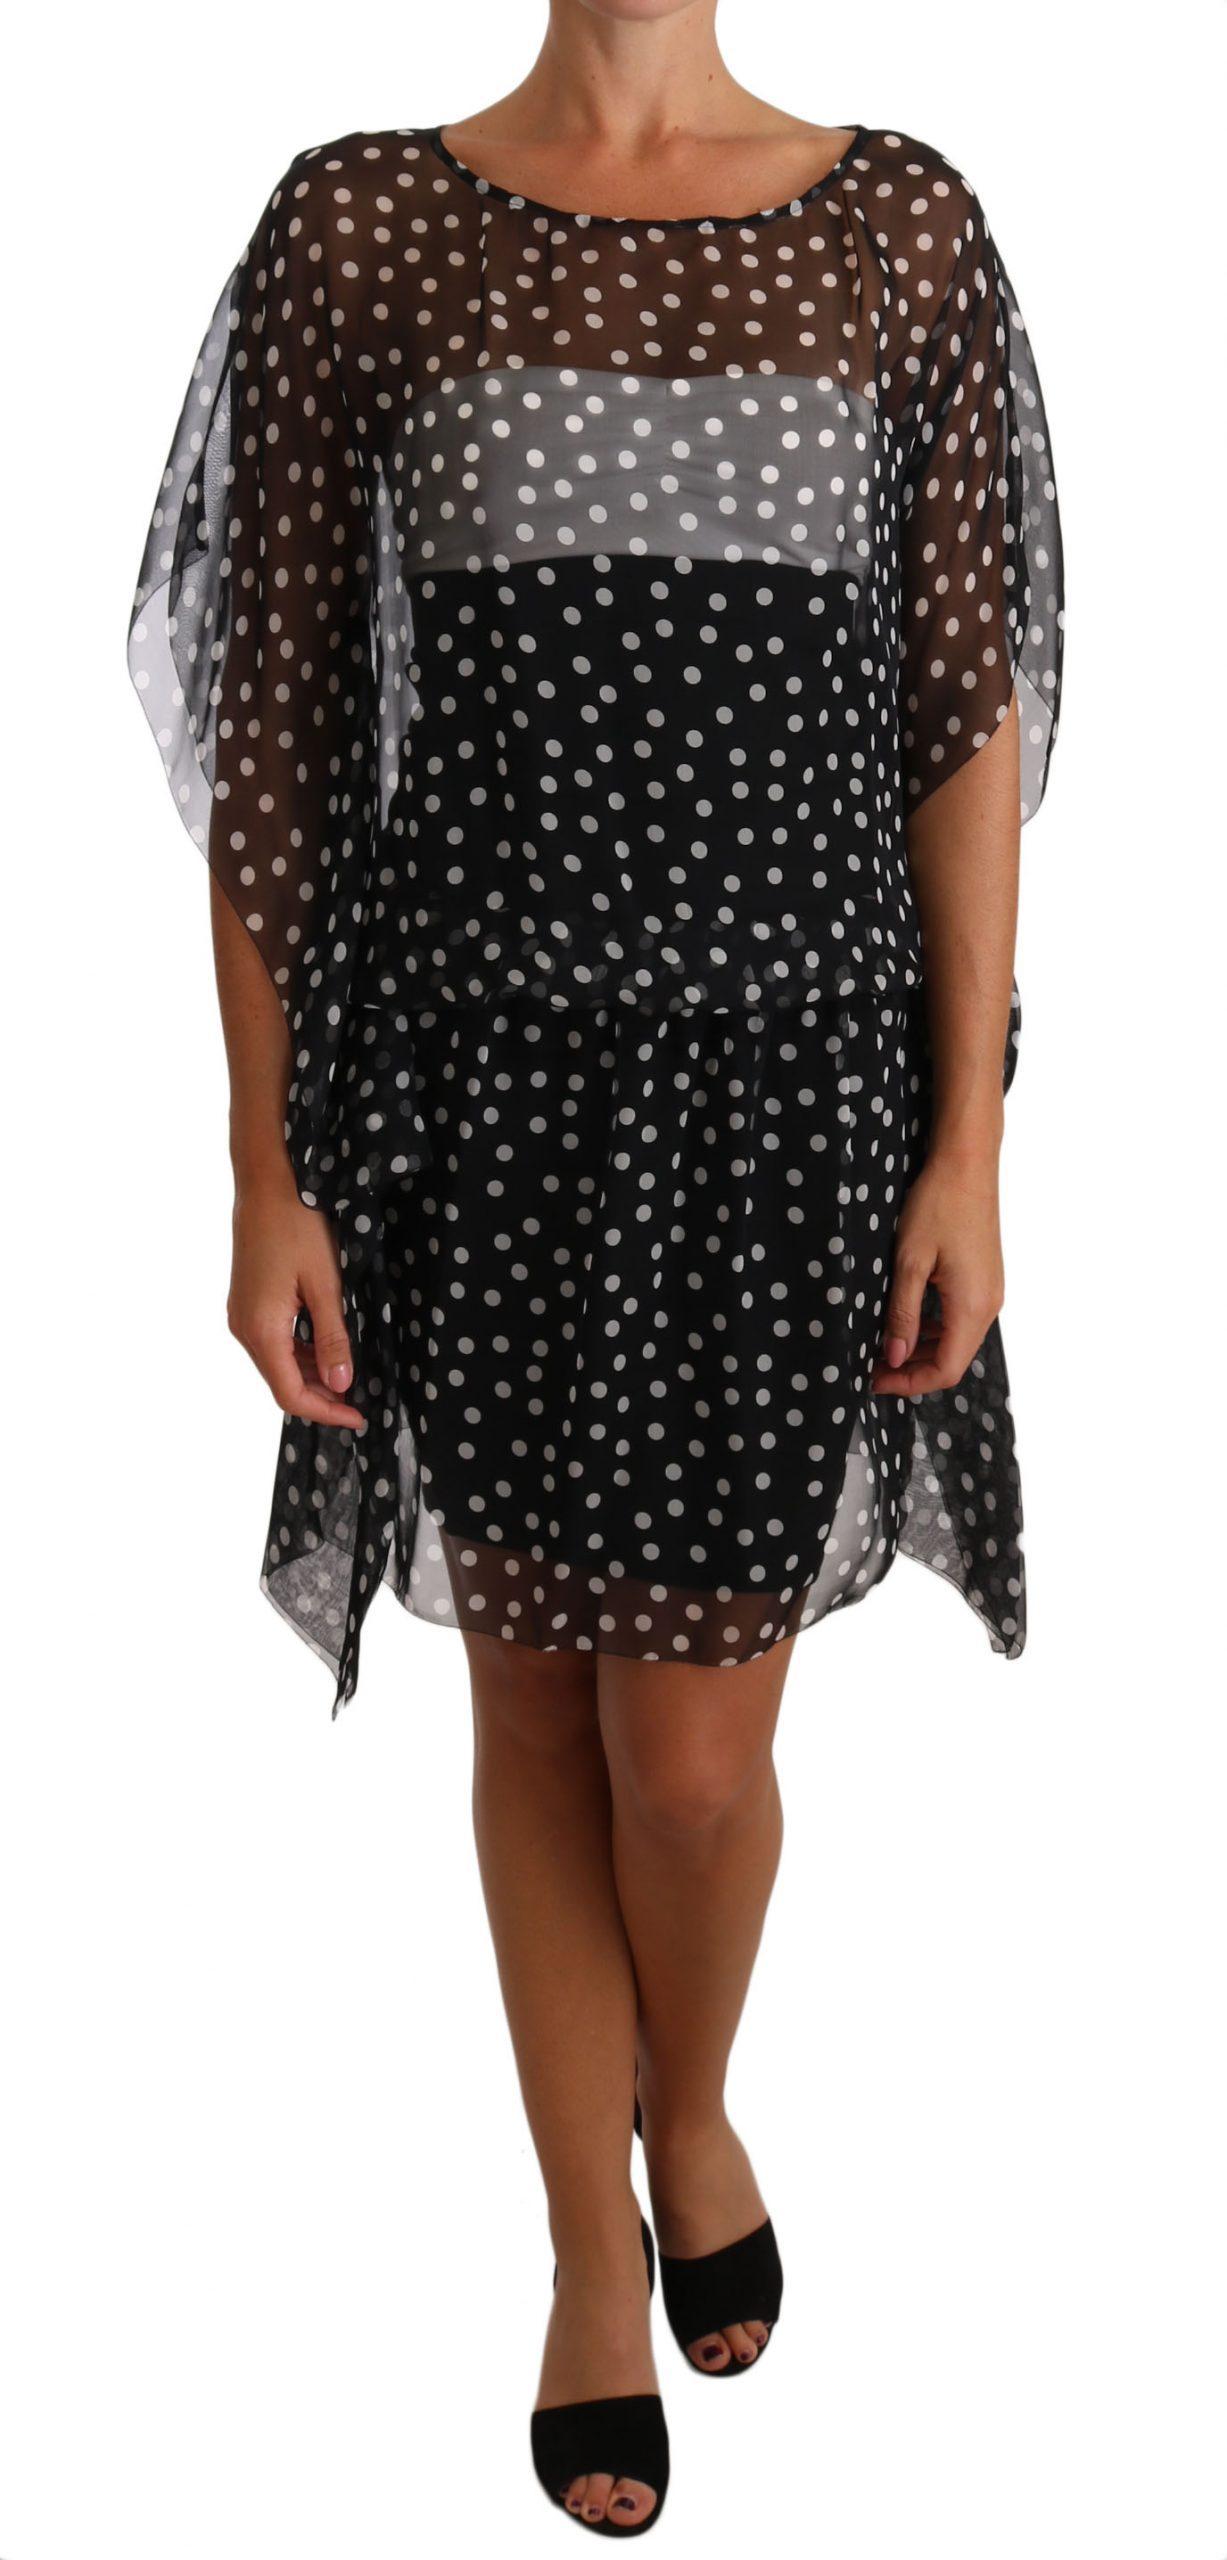 Dolce & Gabbana Women's Silk Poncho Tunic Polka Dot Dress Black DR2430 - IT36 | XS